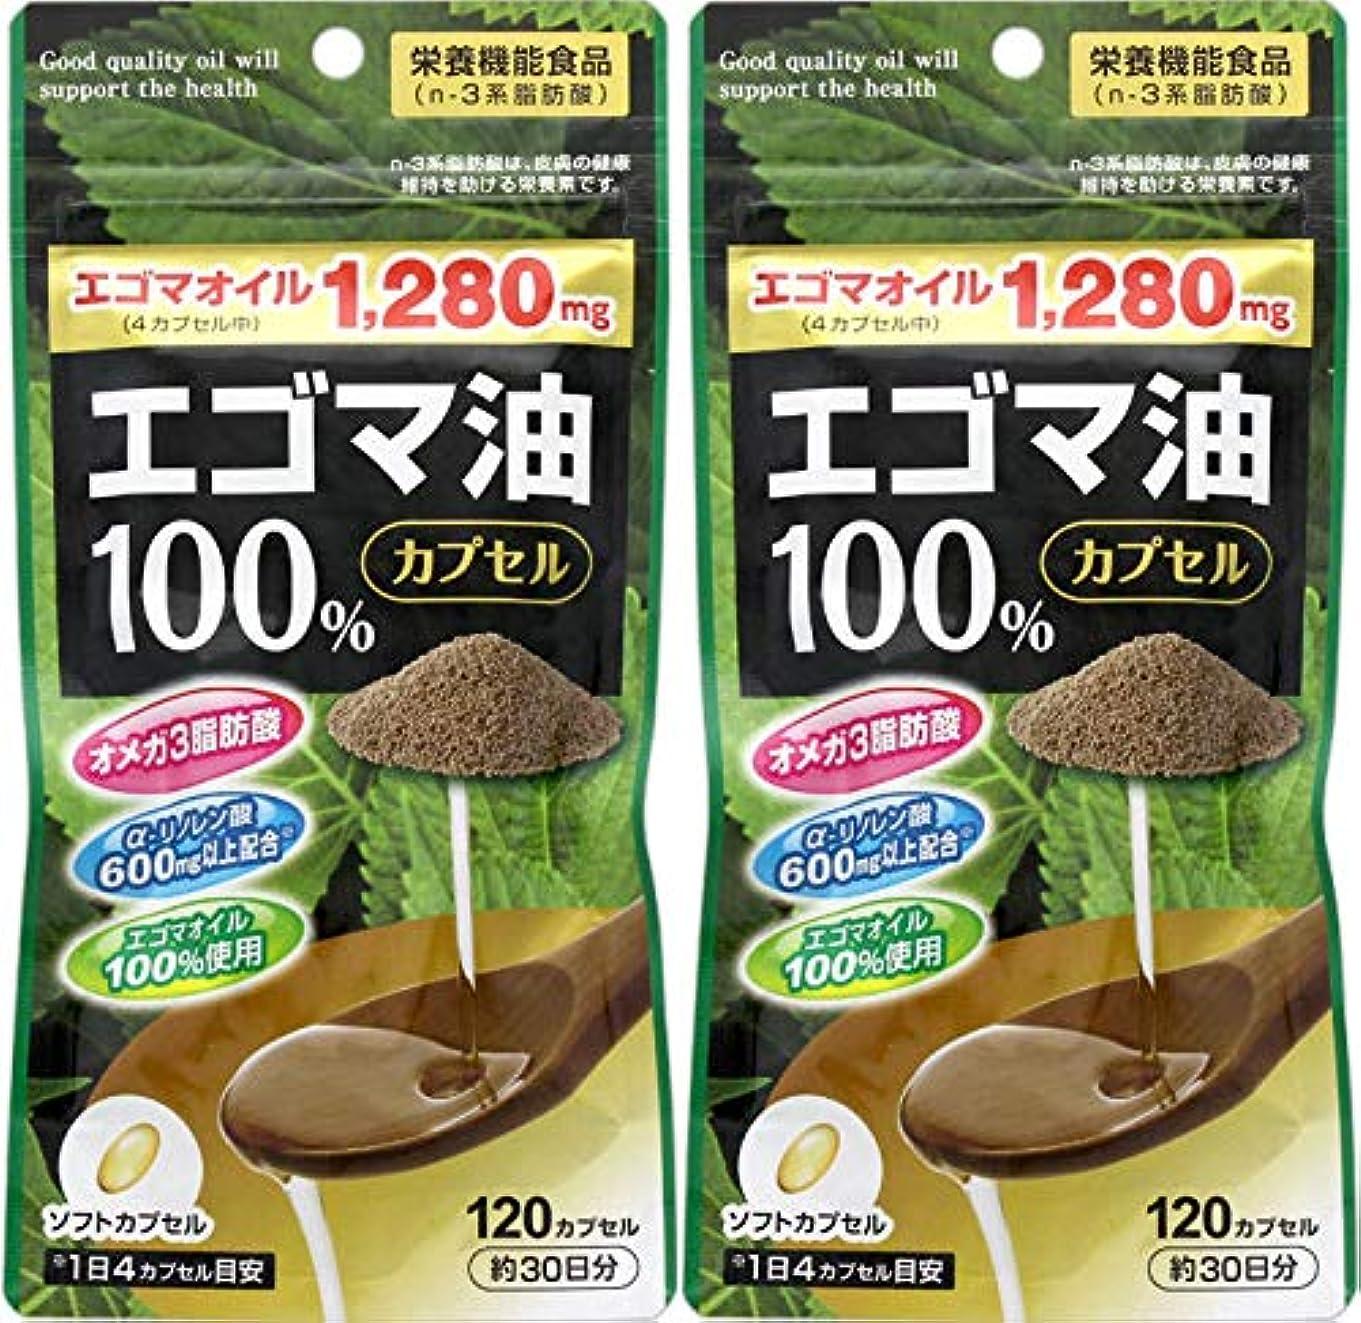 草現在司法【2個セット】エゴマ油100%カプセル 120カプセル